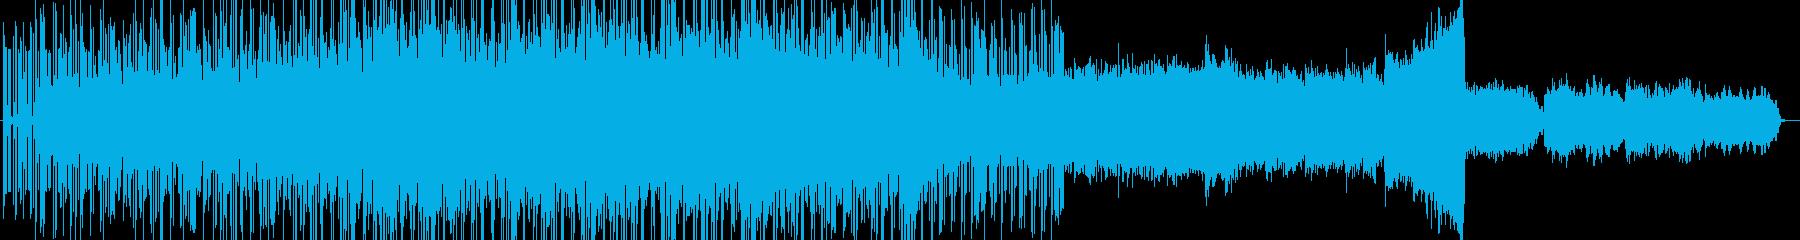 シンセベースが特徴的な無機質テクノBGMの再生済みの波形